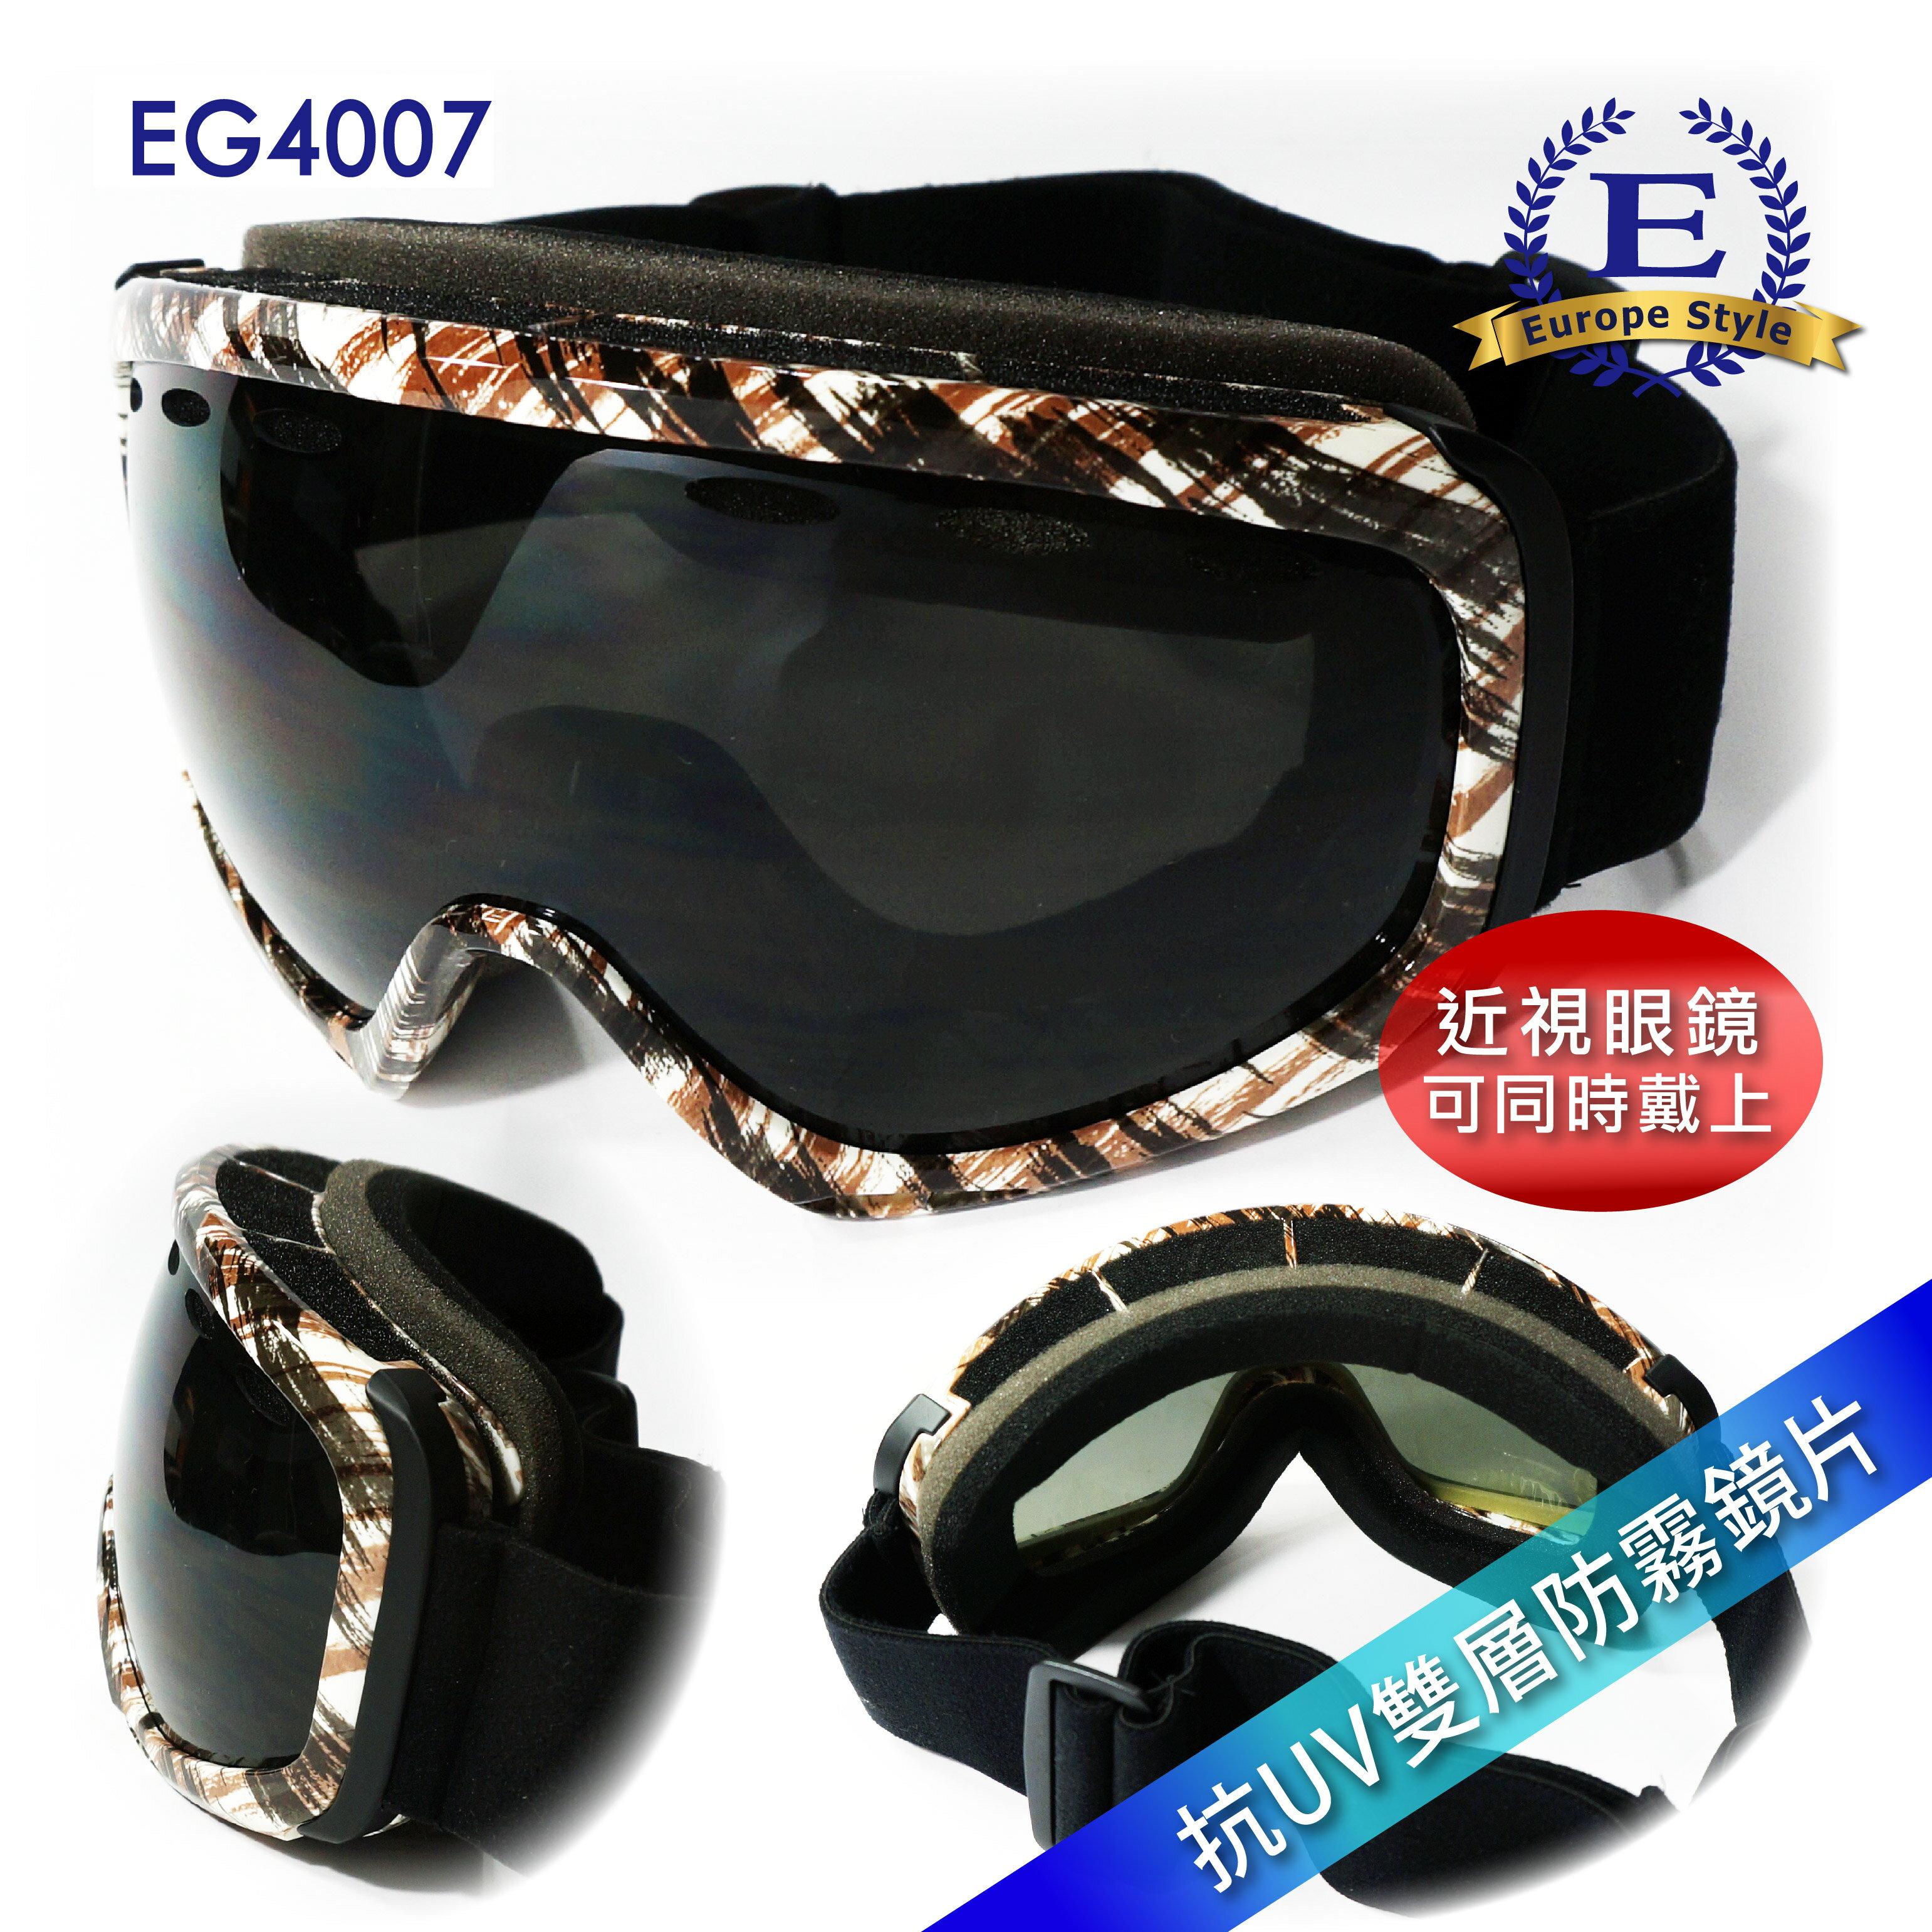 【歐風天地】滑雪防風眼鏡 EG4007 防霧雙層片 滑雪眼鏡 滑雪護目鏡 防風眼鏡 單車 機車 眼鏡 運動太陽眼鏡 防風眼鏡 運動眼鏡 自行車眼鏡 生存游戲 野外 戶外用品 登山